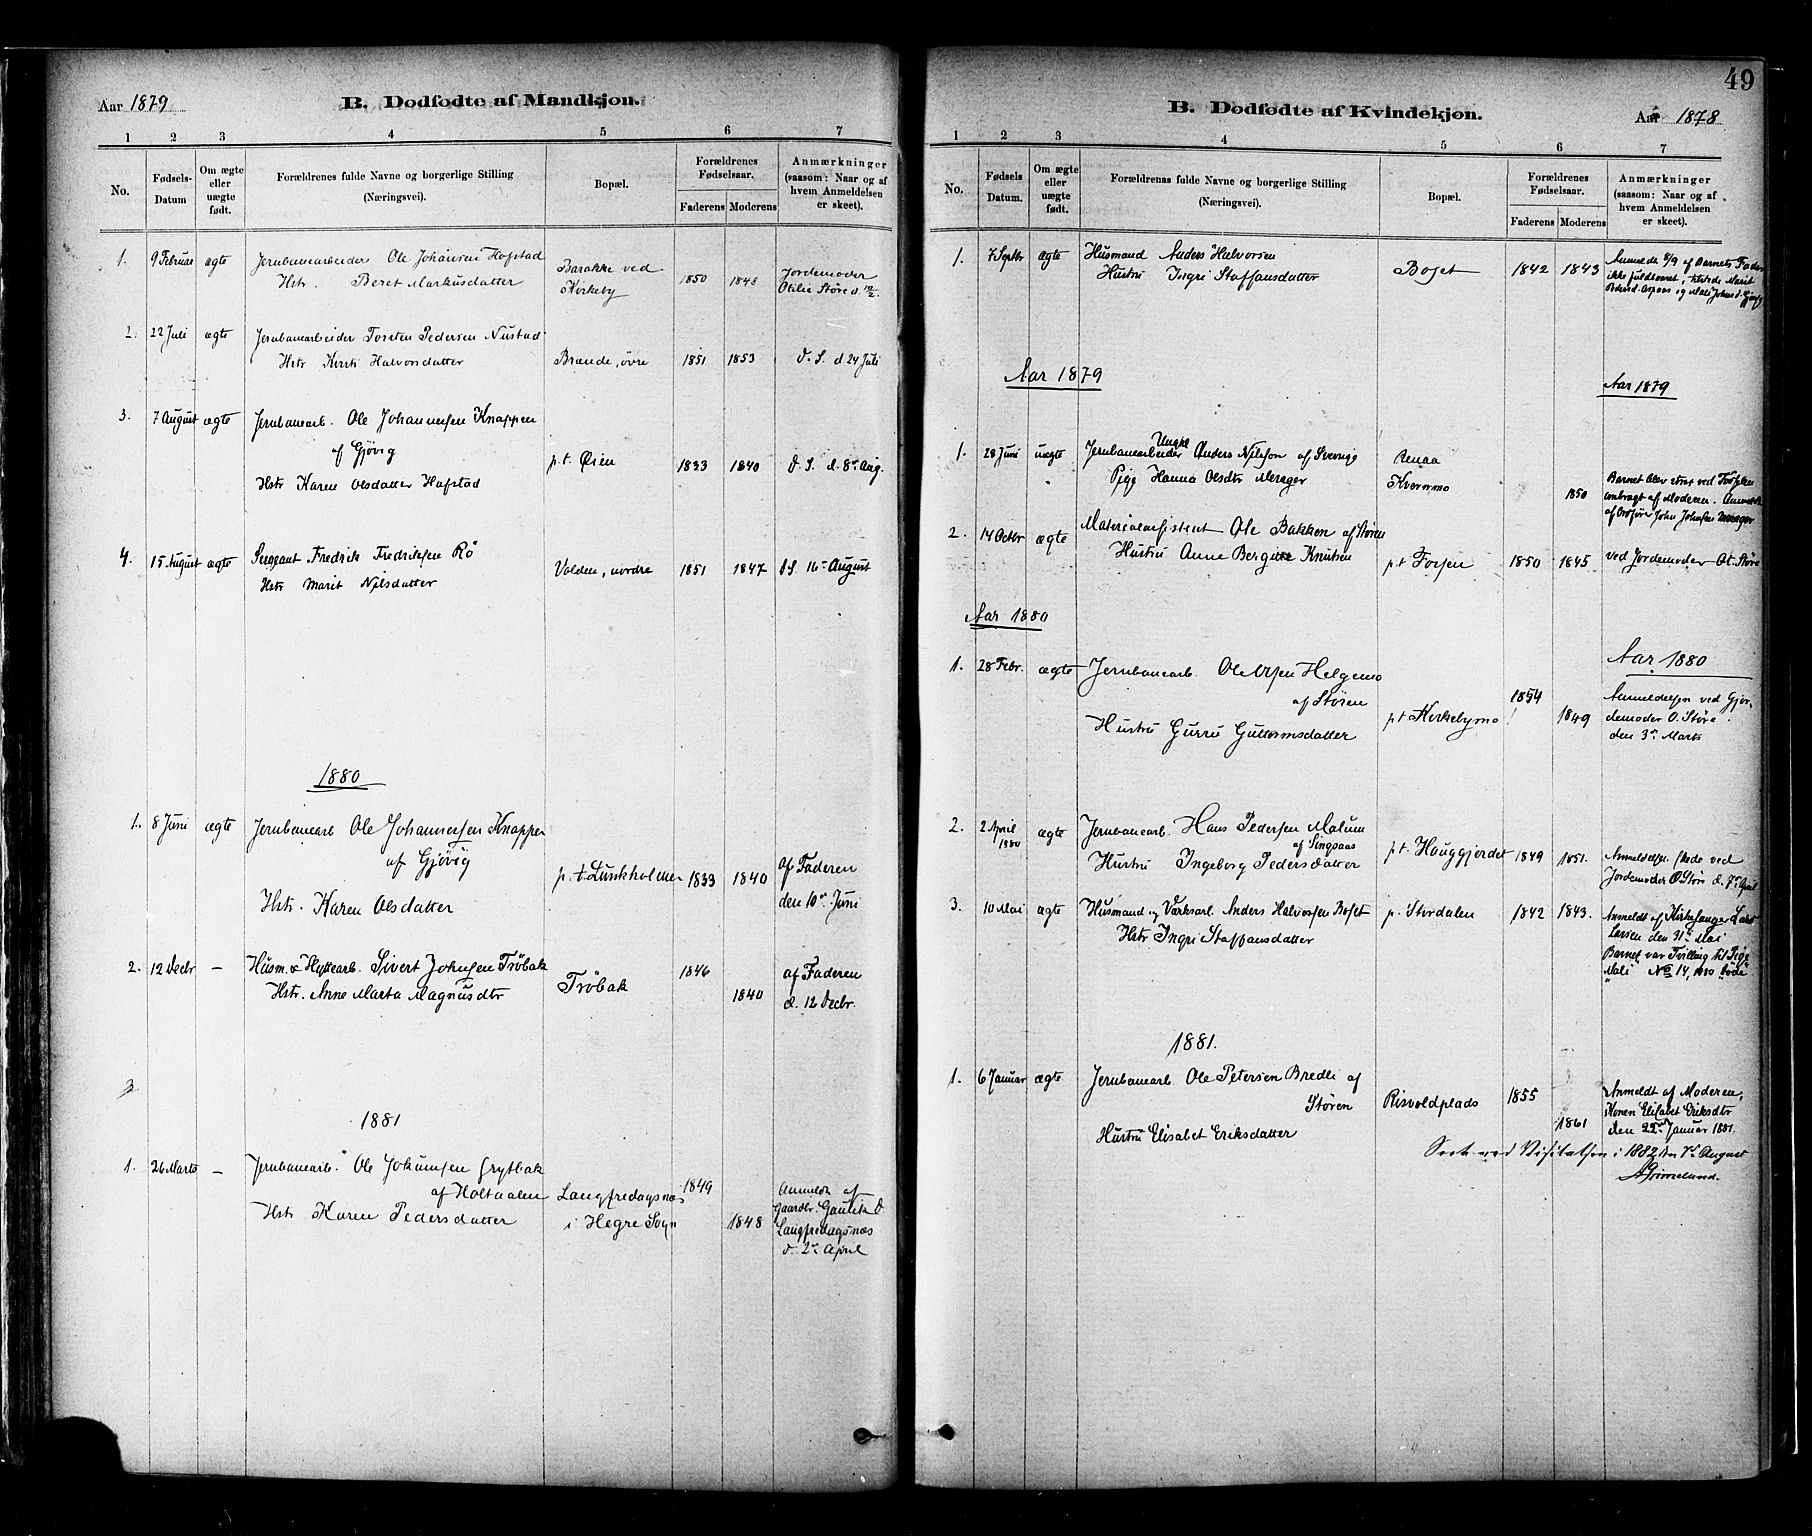 SAT, Ministerialprotokoller, klokkerbøker og fødselsregistre - Nord-Trøndelag, 706/L0047: Ministerialbok nr. 706A03, 1878-1892, s. 49